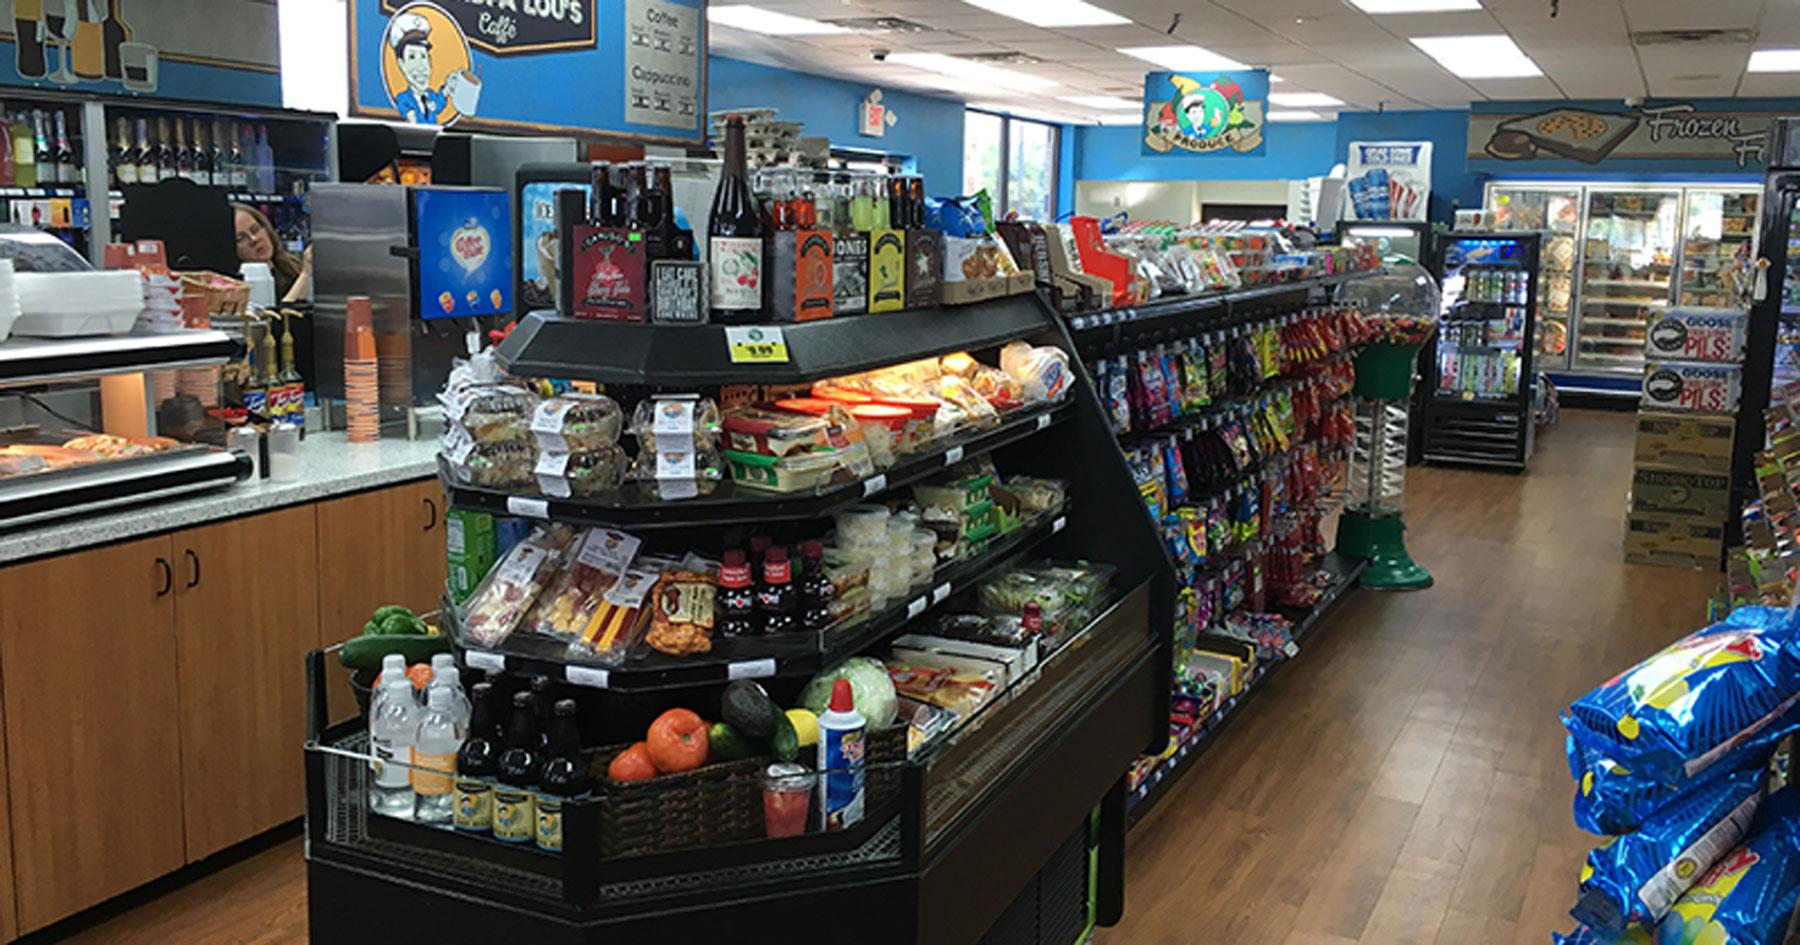 Lou Perrine's Gas & Groceries